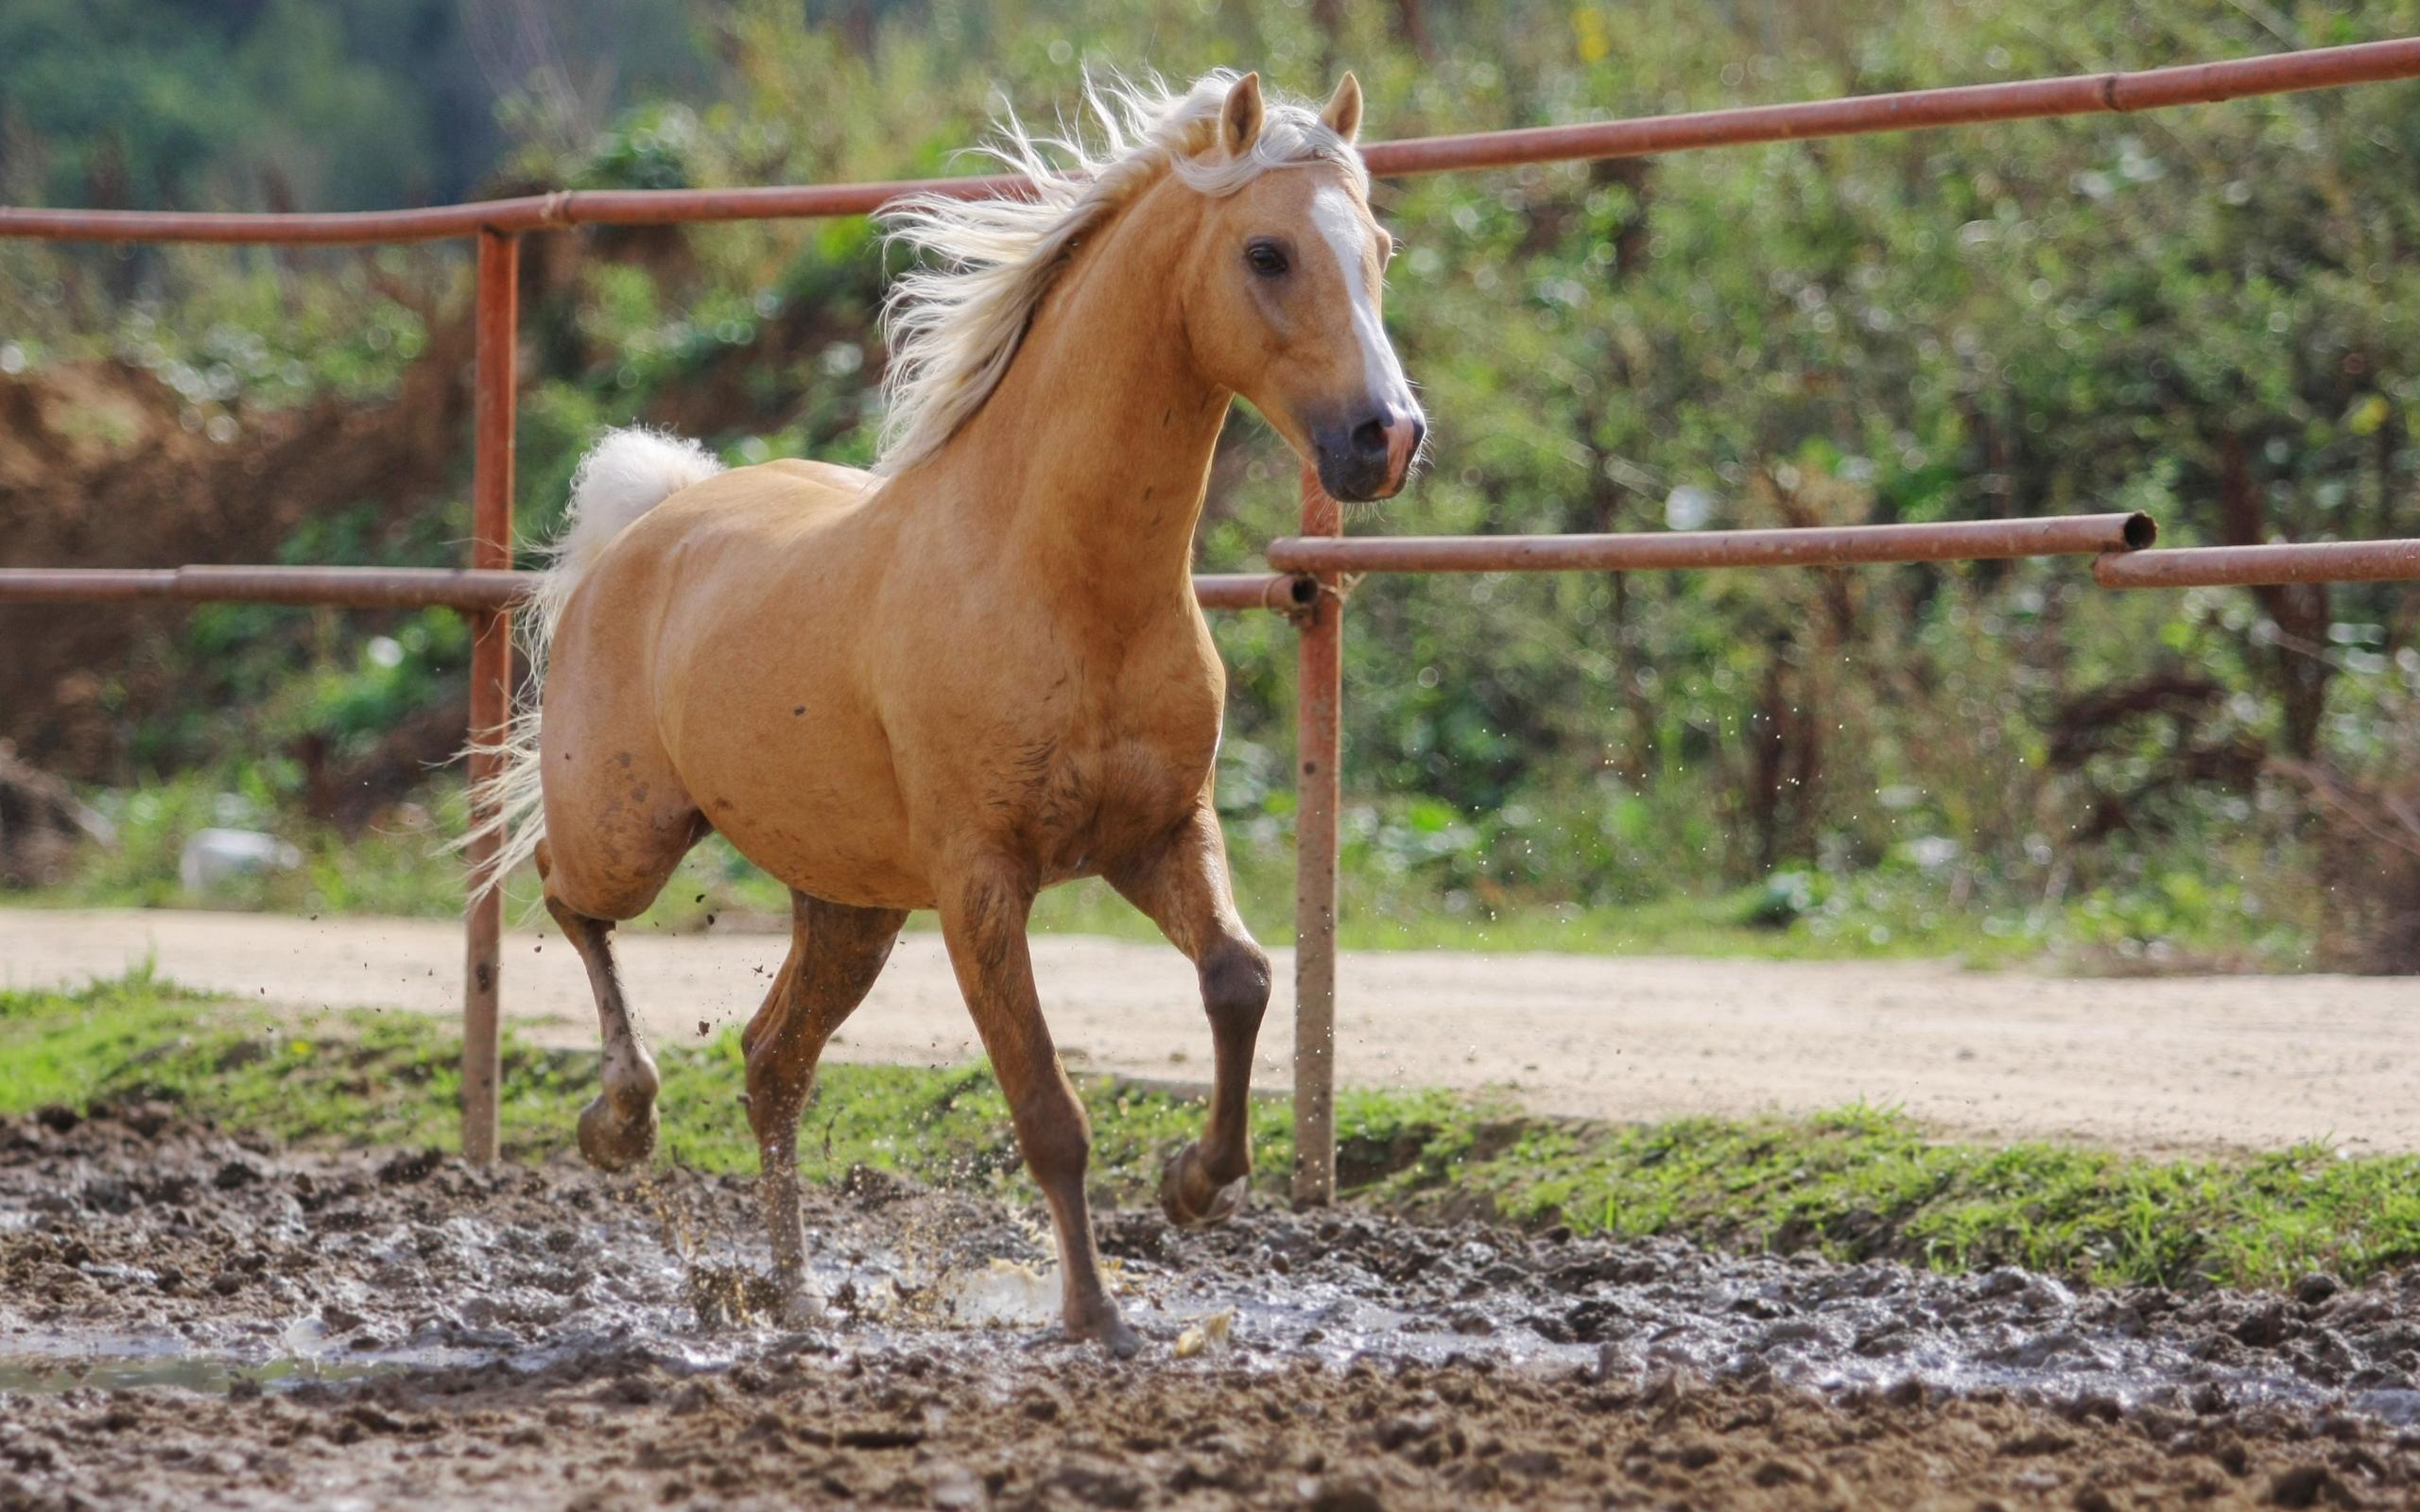 24768 Заставки и Обои Лошади на телефон. Скачать Лошади, Животные картинки бесплатно